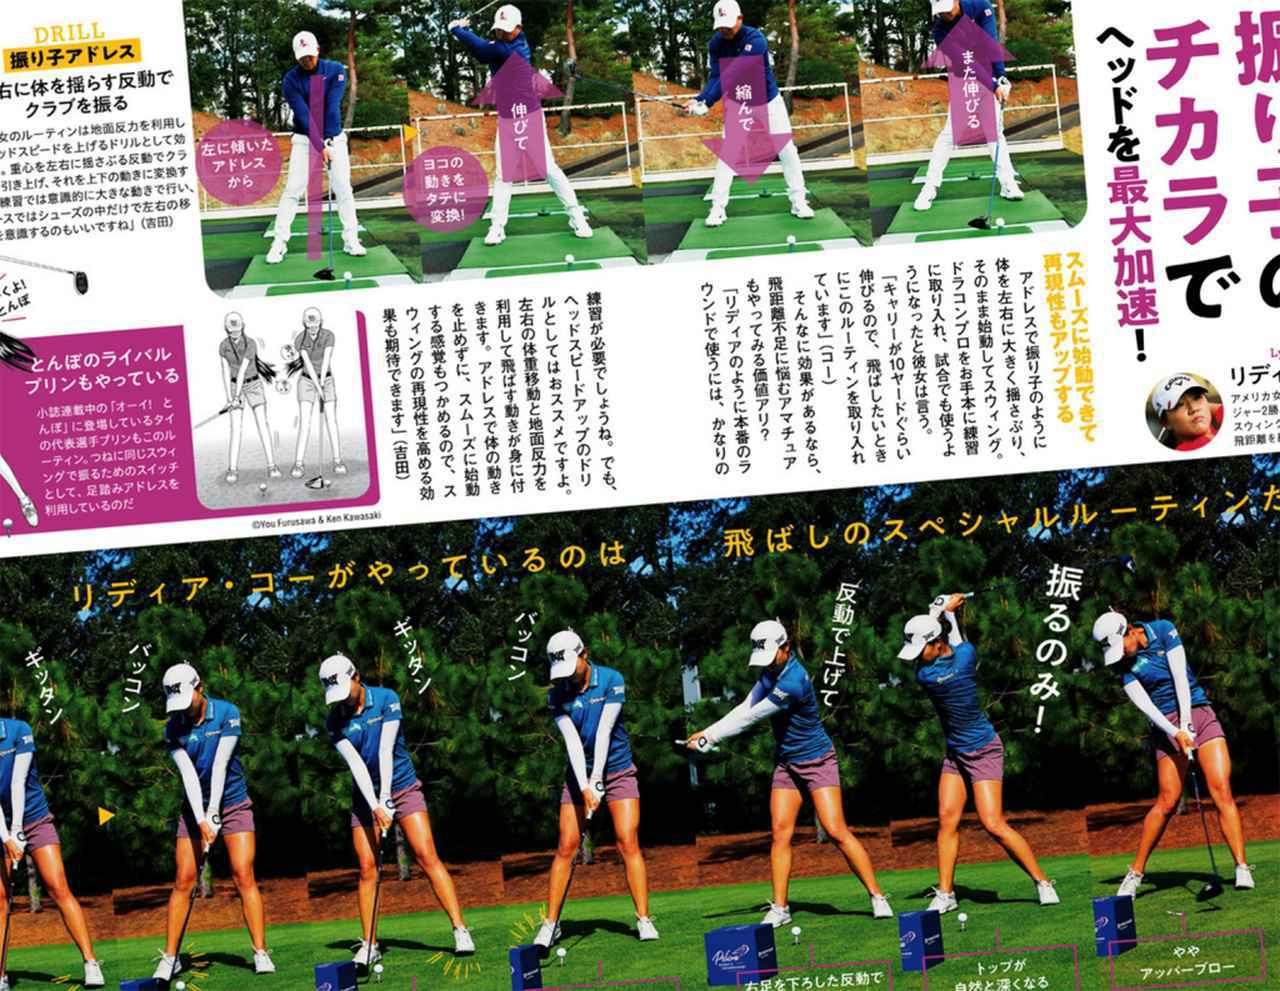 画像: 週刊ゴルフダイジェスト2021年1月26日号で紹介されていた、リディア・コーの「飛ばしのルーティン」を実践!